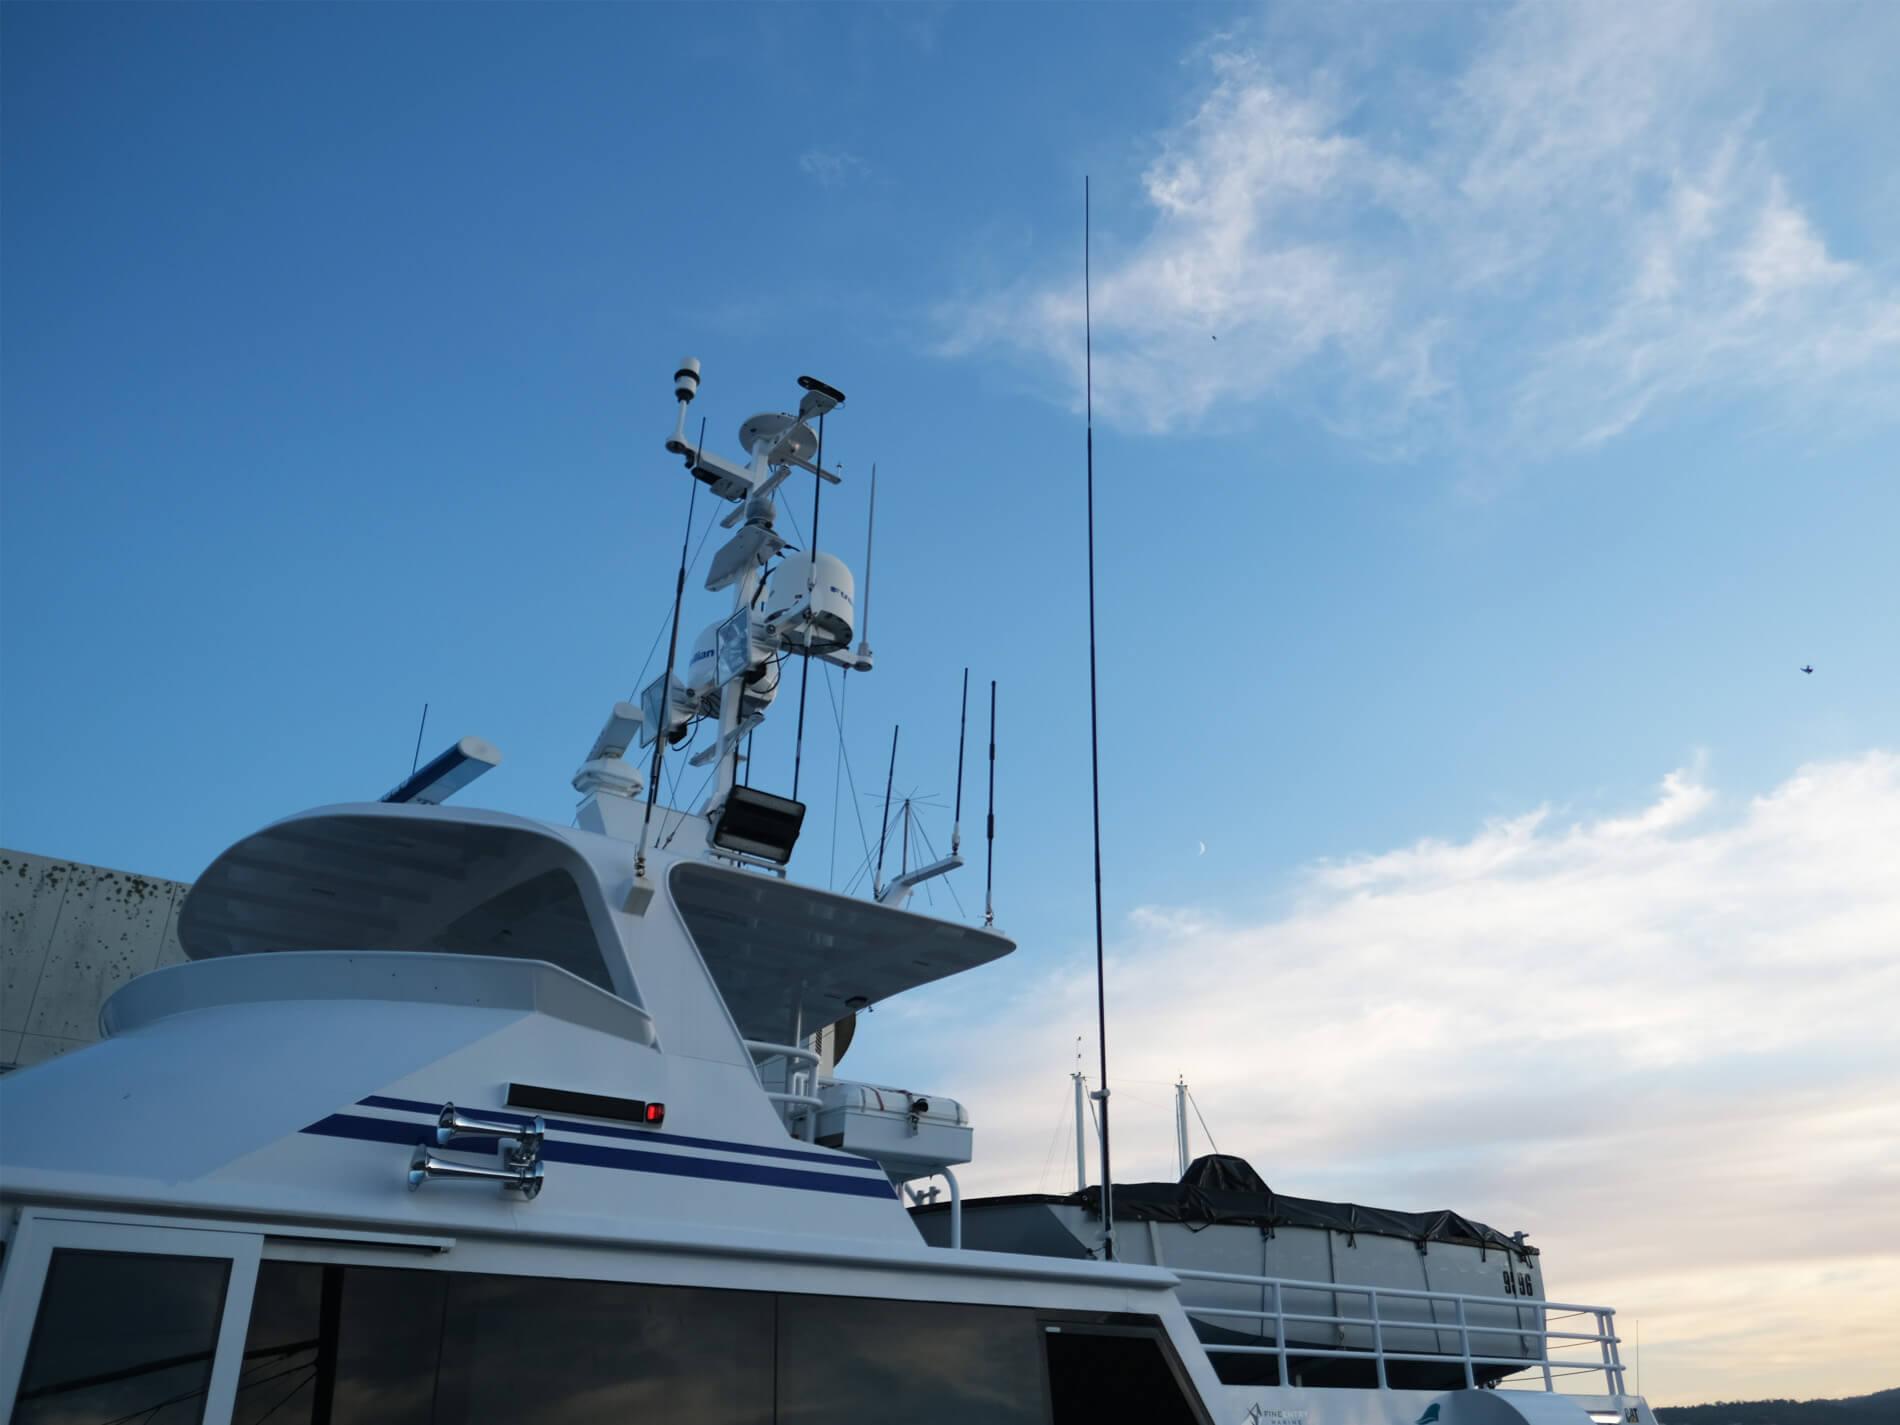 marine-radio-long-range-operators-coxwain-navigation-plan-navigate-passage-marine-maritime-training-hobart-tasmania